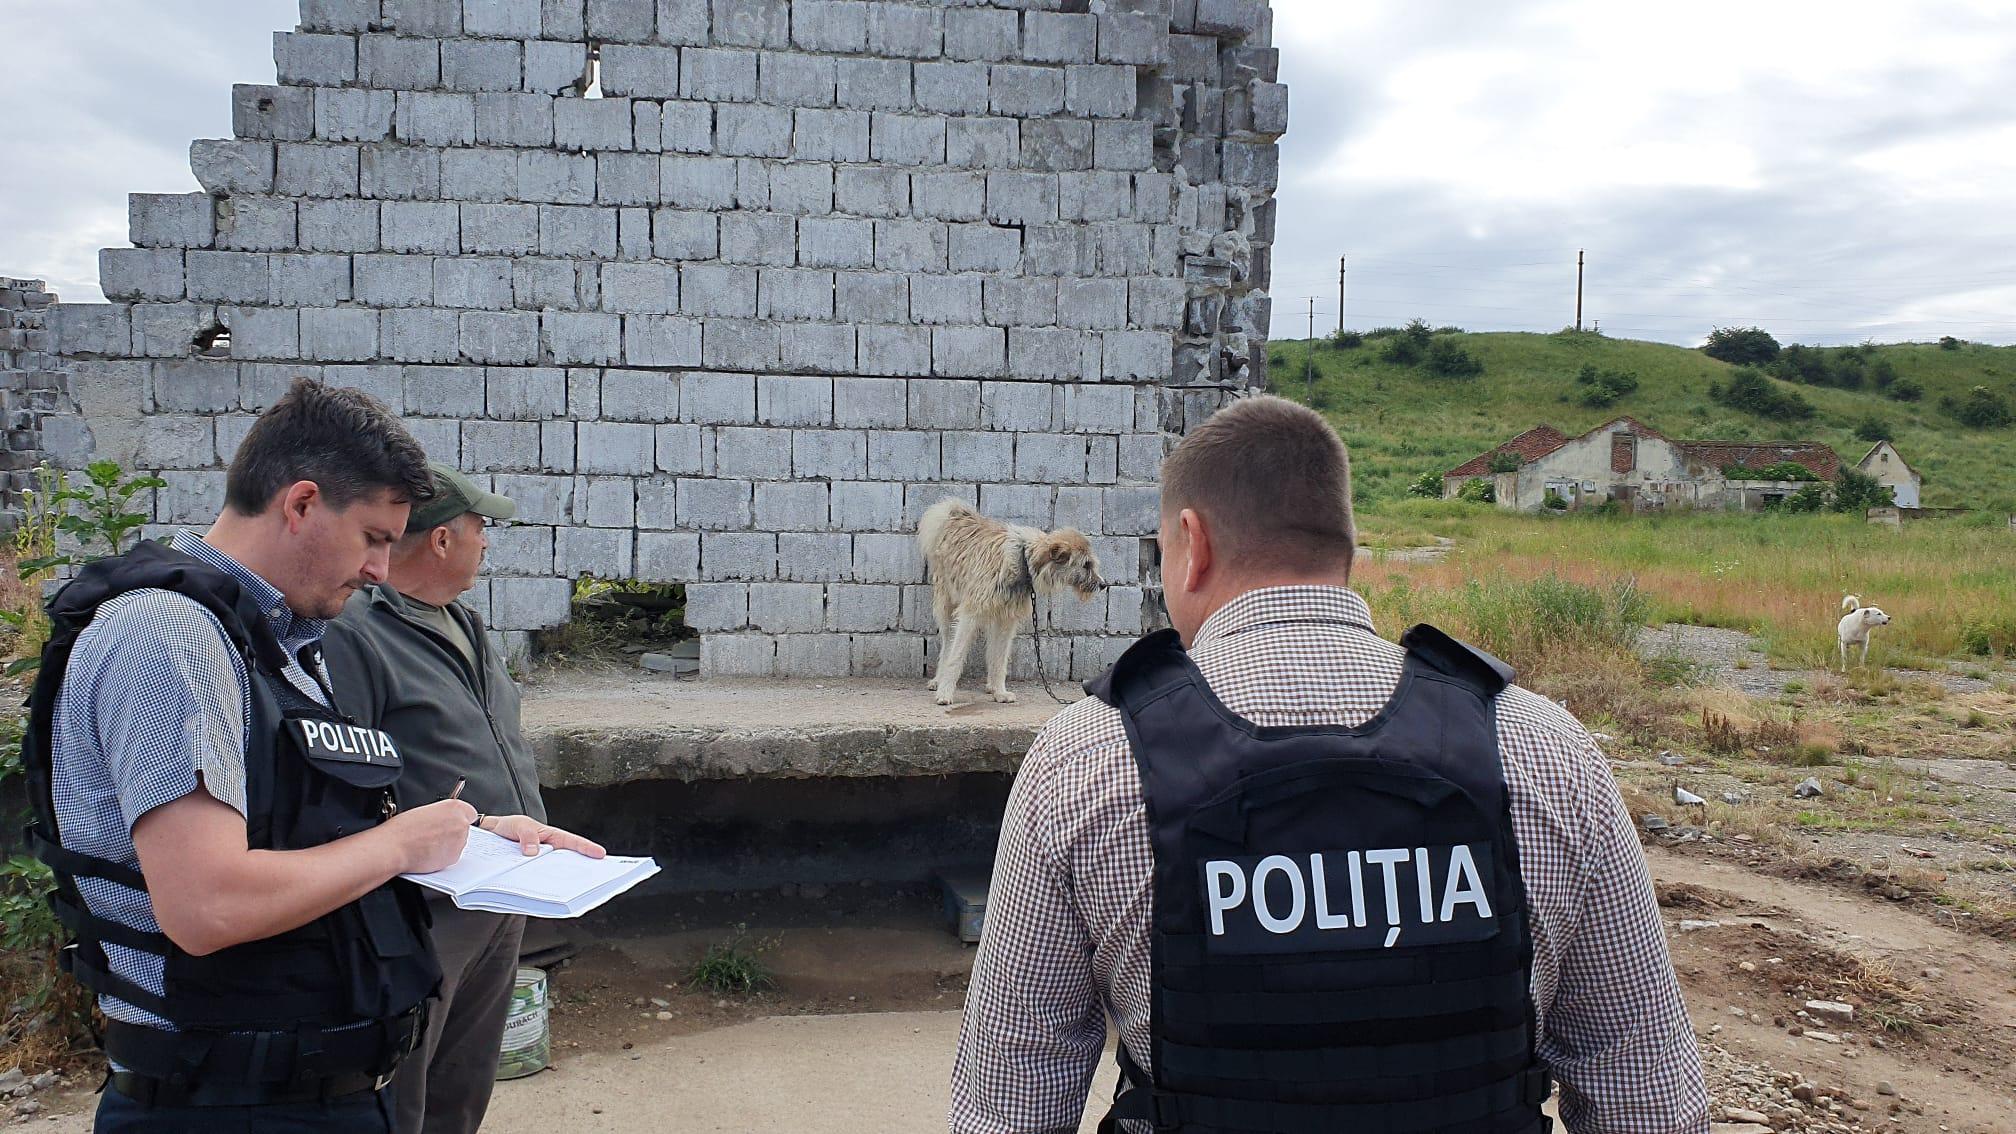 Câine schingiuit cu lovituri de lopată, la Ilia. Bărbatul s-a ales cu dosar penal